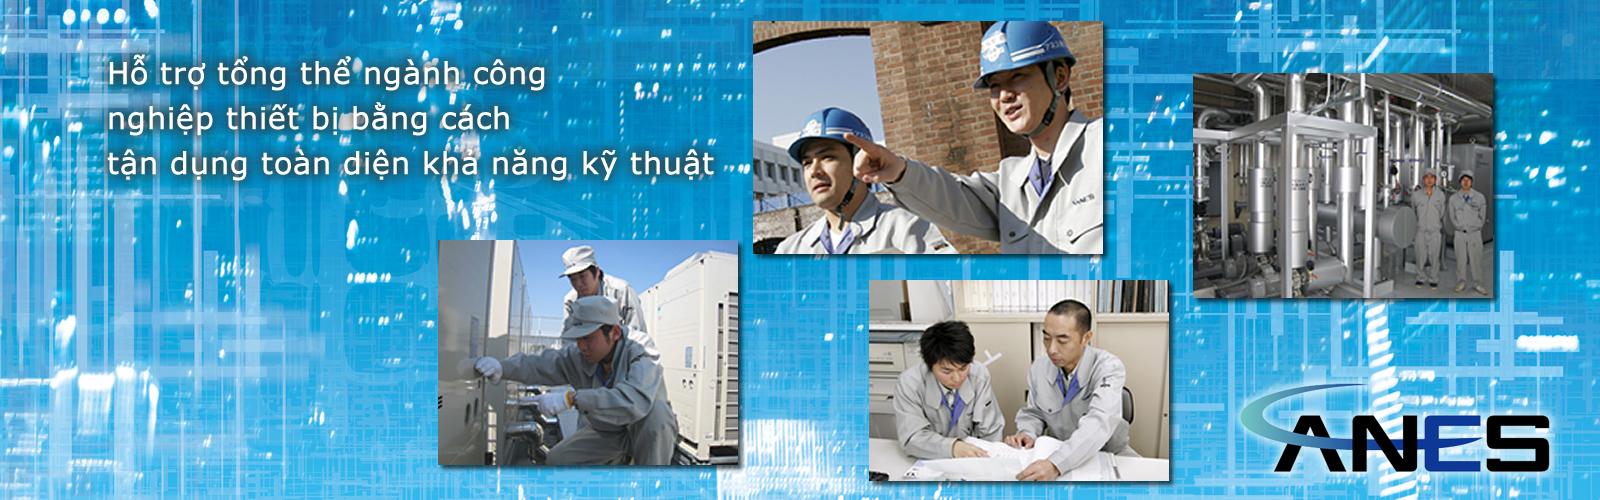 Hỗ trợ tổng thể ngành công nghiệp thiết bị bằng cách tận dụng toàn diện khả năng kỹ thuật